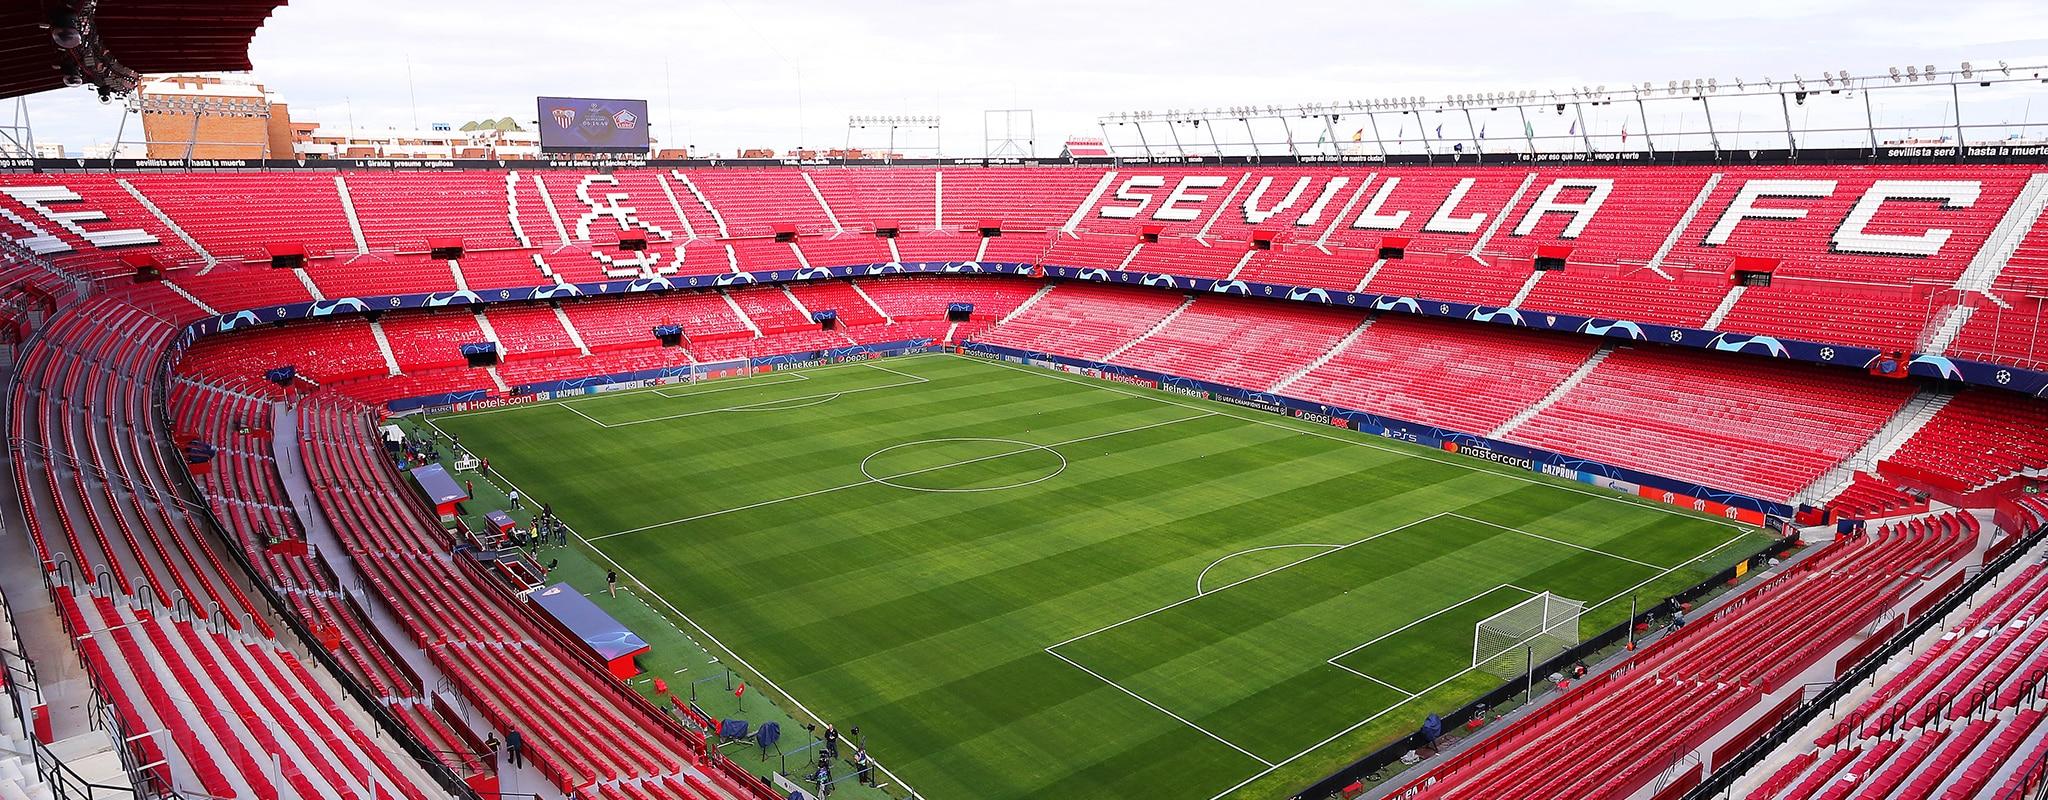 Chelsea-Porto | Previa del Chelsea - Oporto de la Champions League: dónde verlo, alineaciones probables, noticias de los equipos | UEFA Champions League | UEFA.com